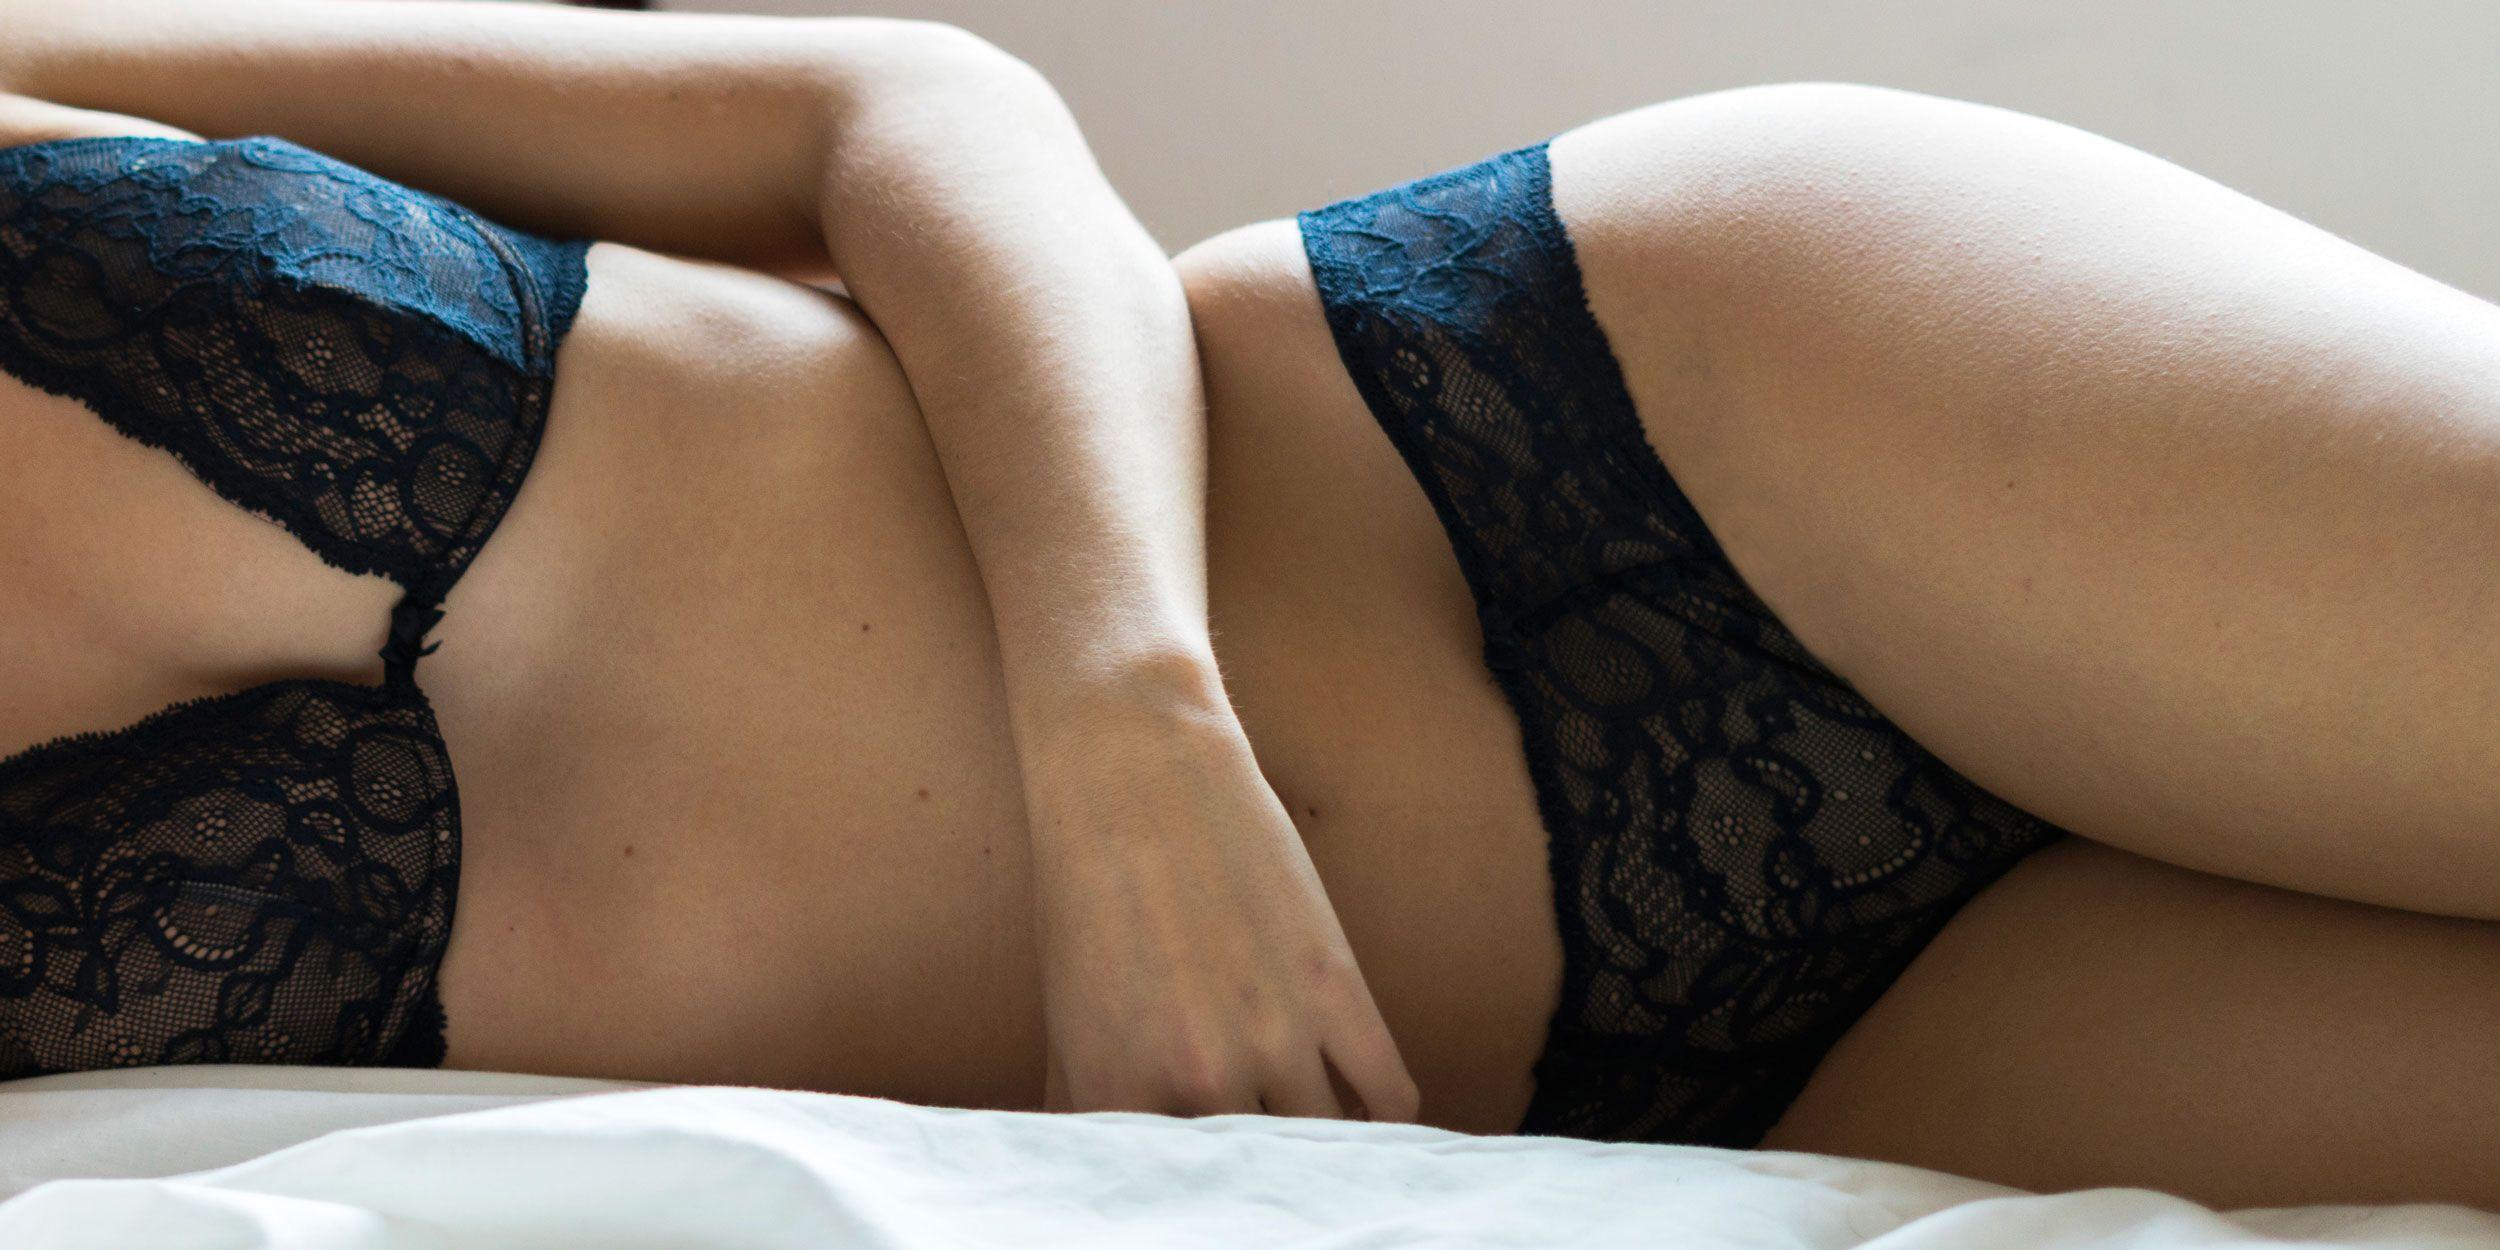 Big ass sex porn video